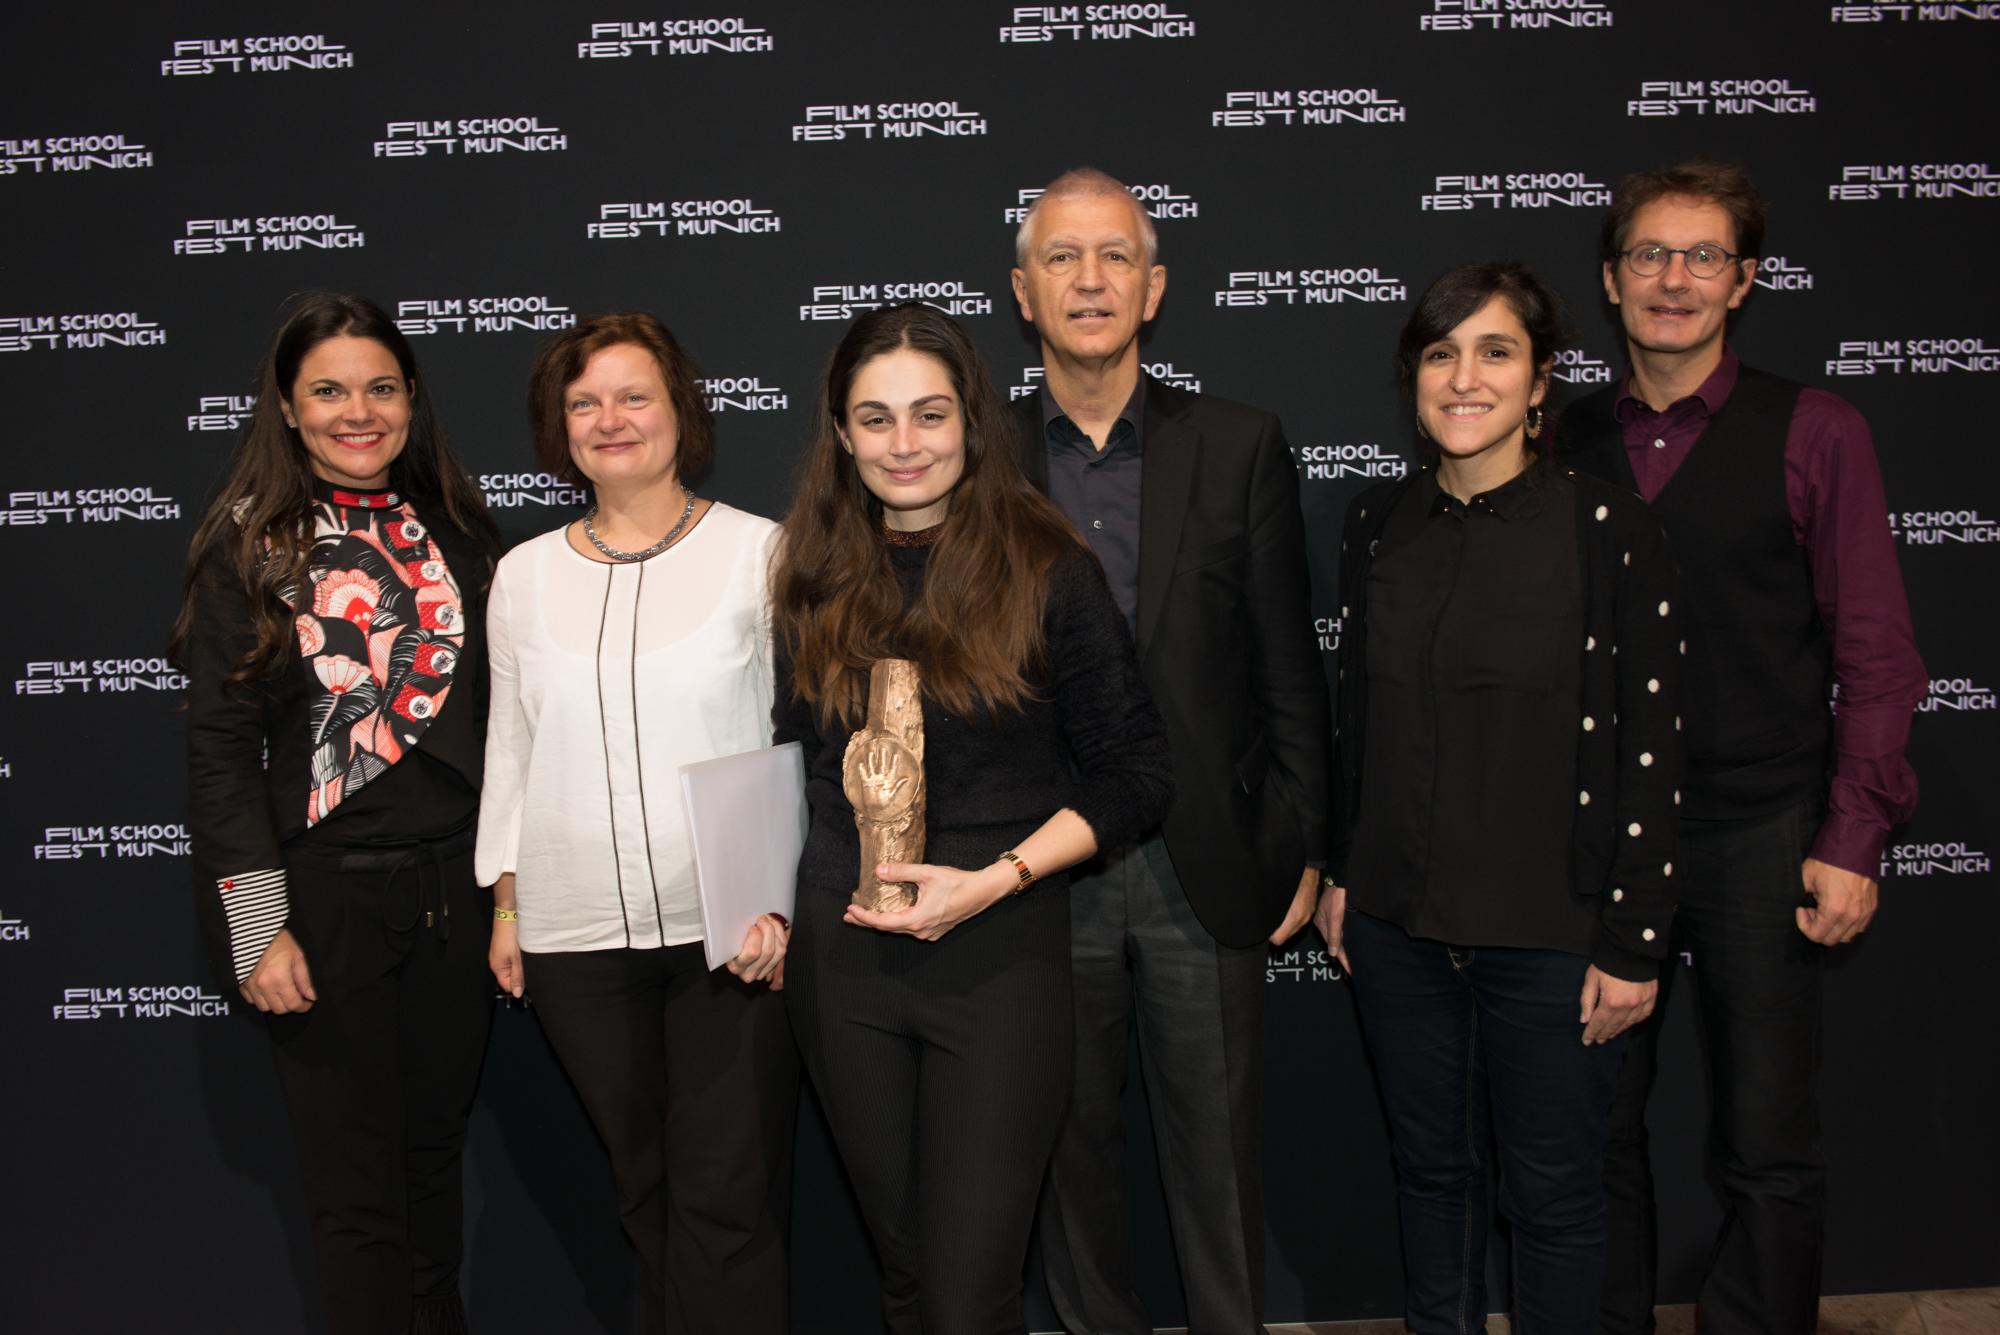 Internationales Festival der Filmhochschulen München 2018 - Preisverleihung 8